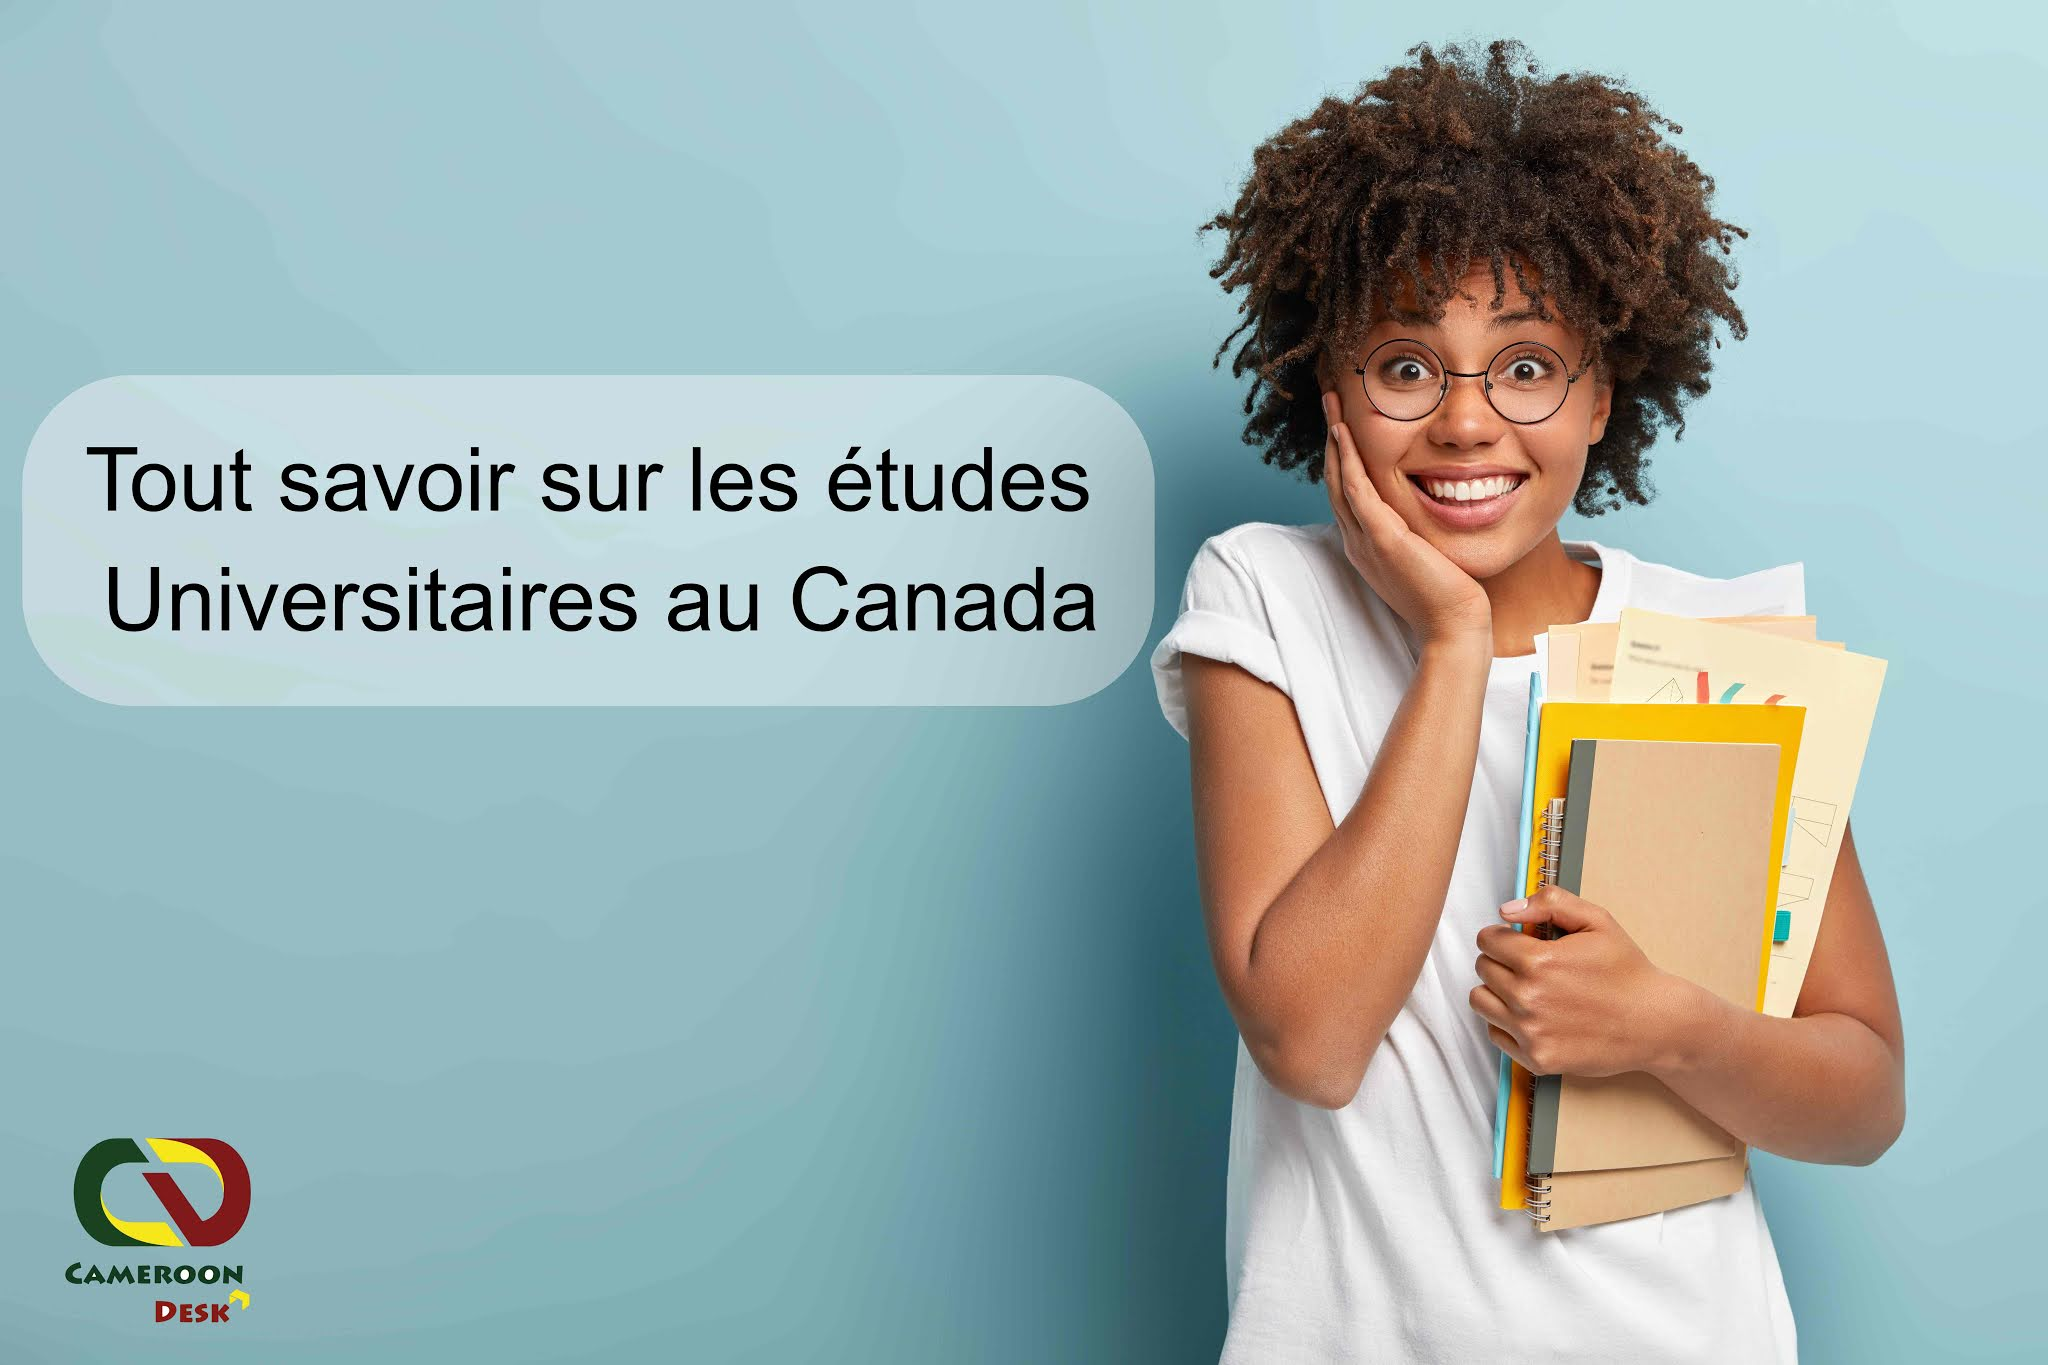 Tout savoir sur les études Universitaires au Canada :